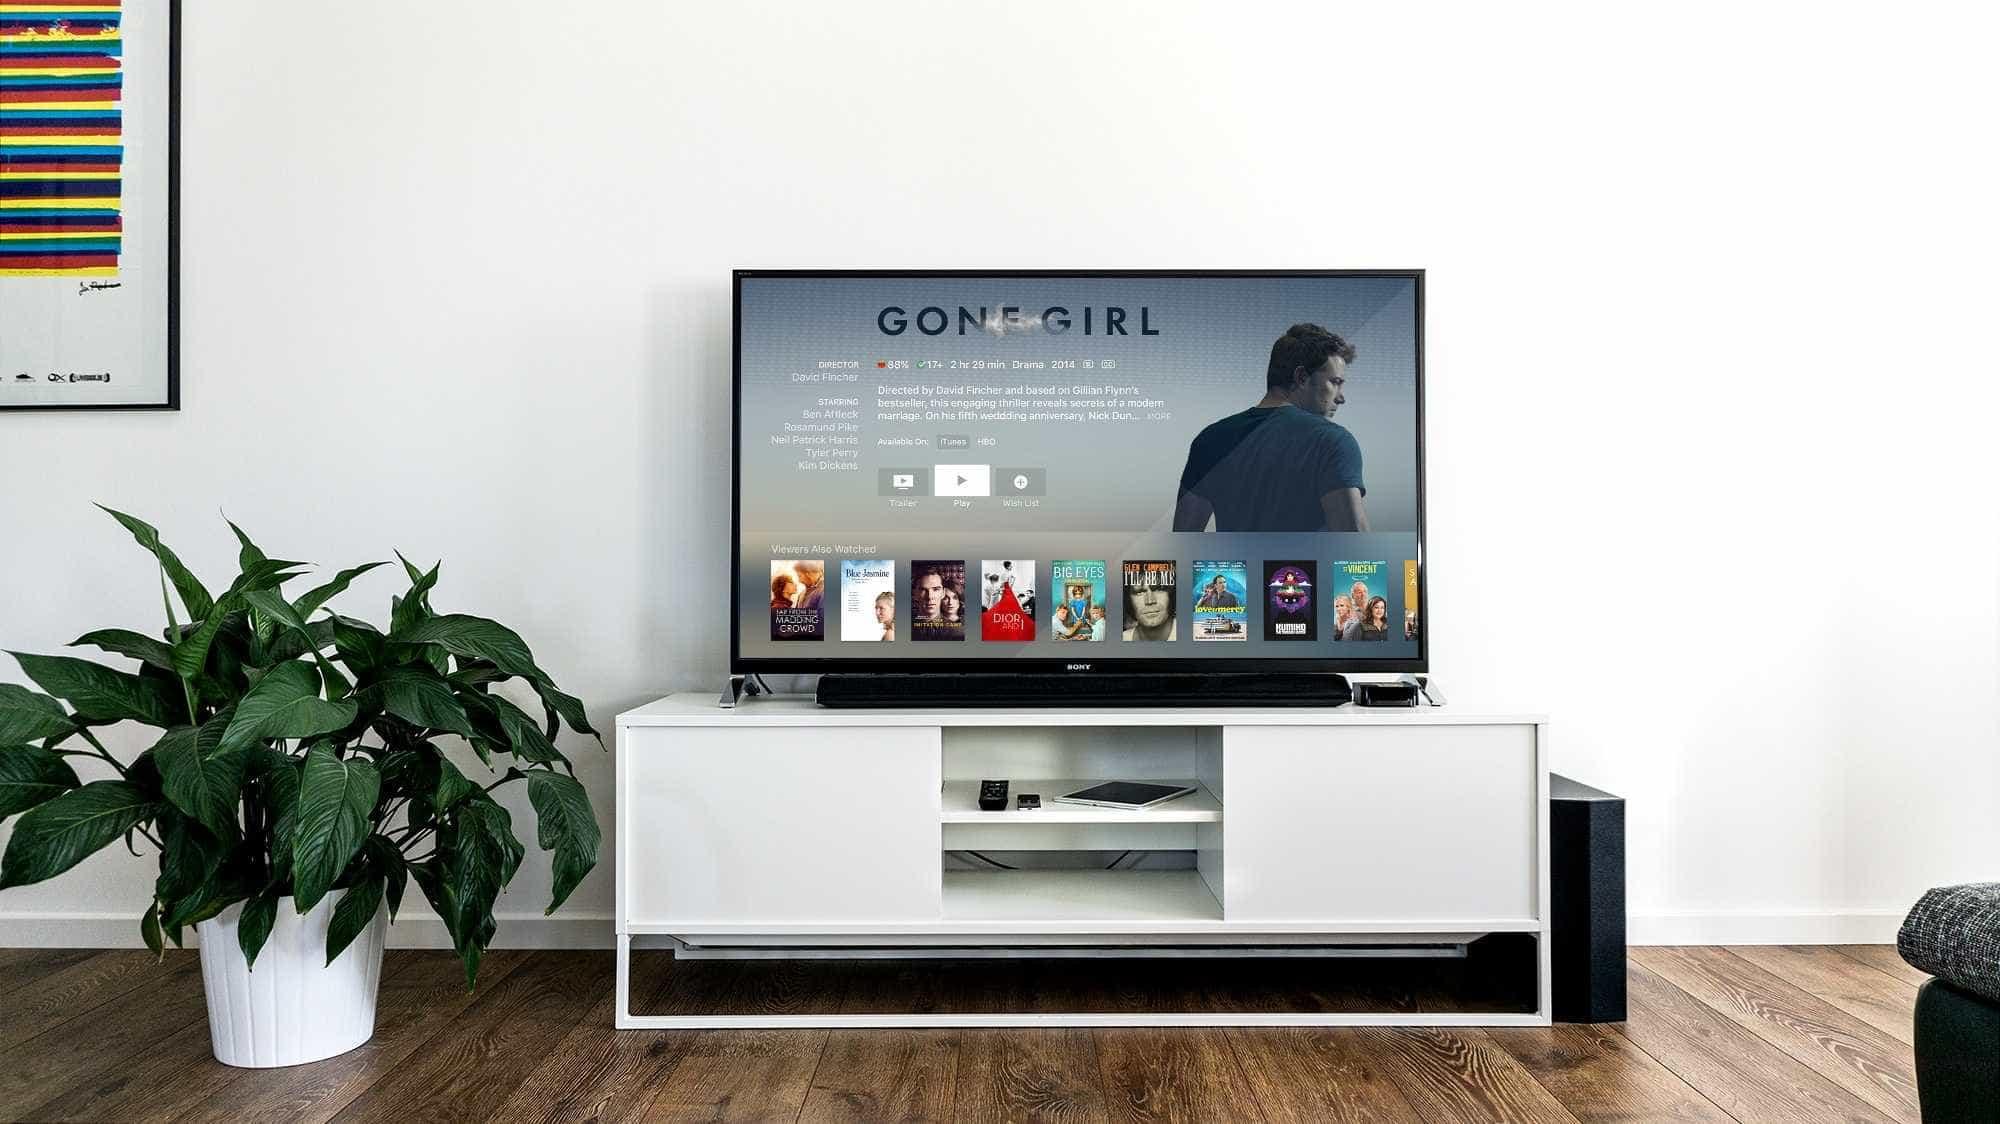 Aparelho transforma sua televisão em smart por menos de R$ 300